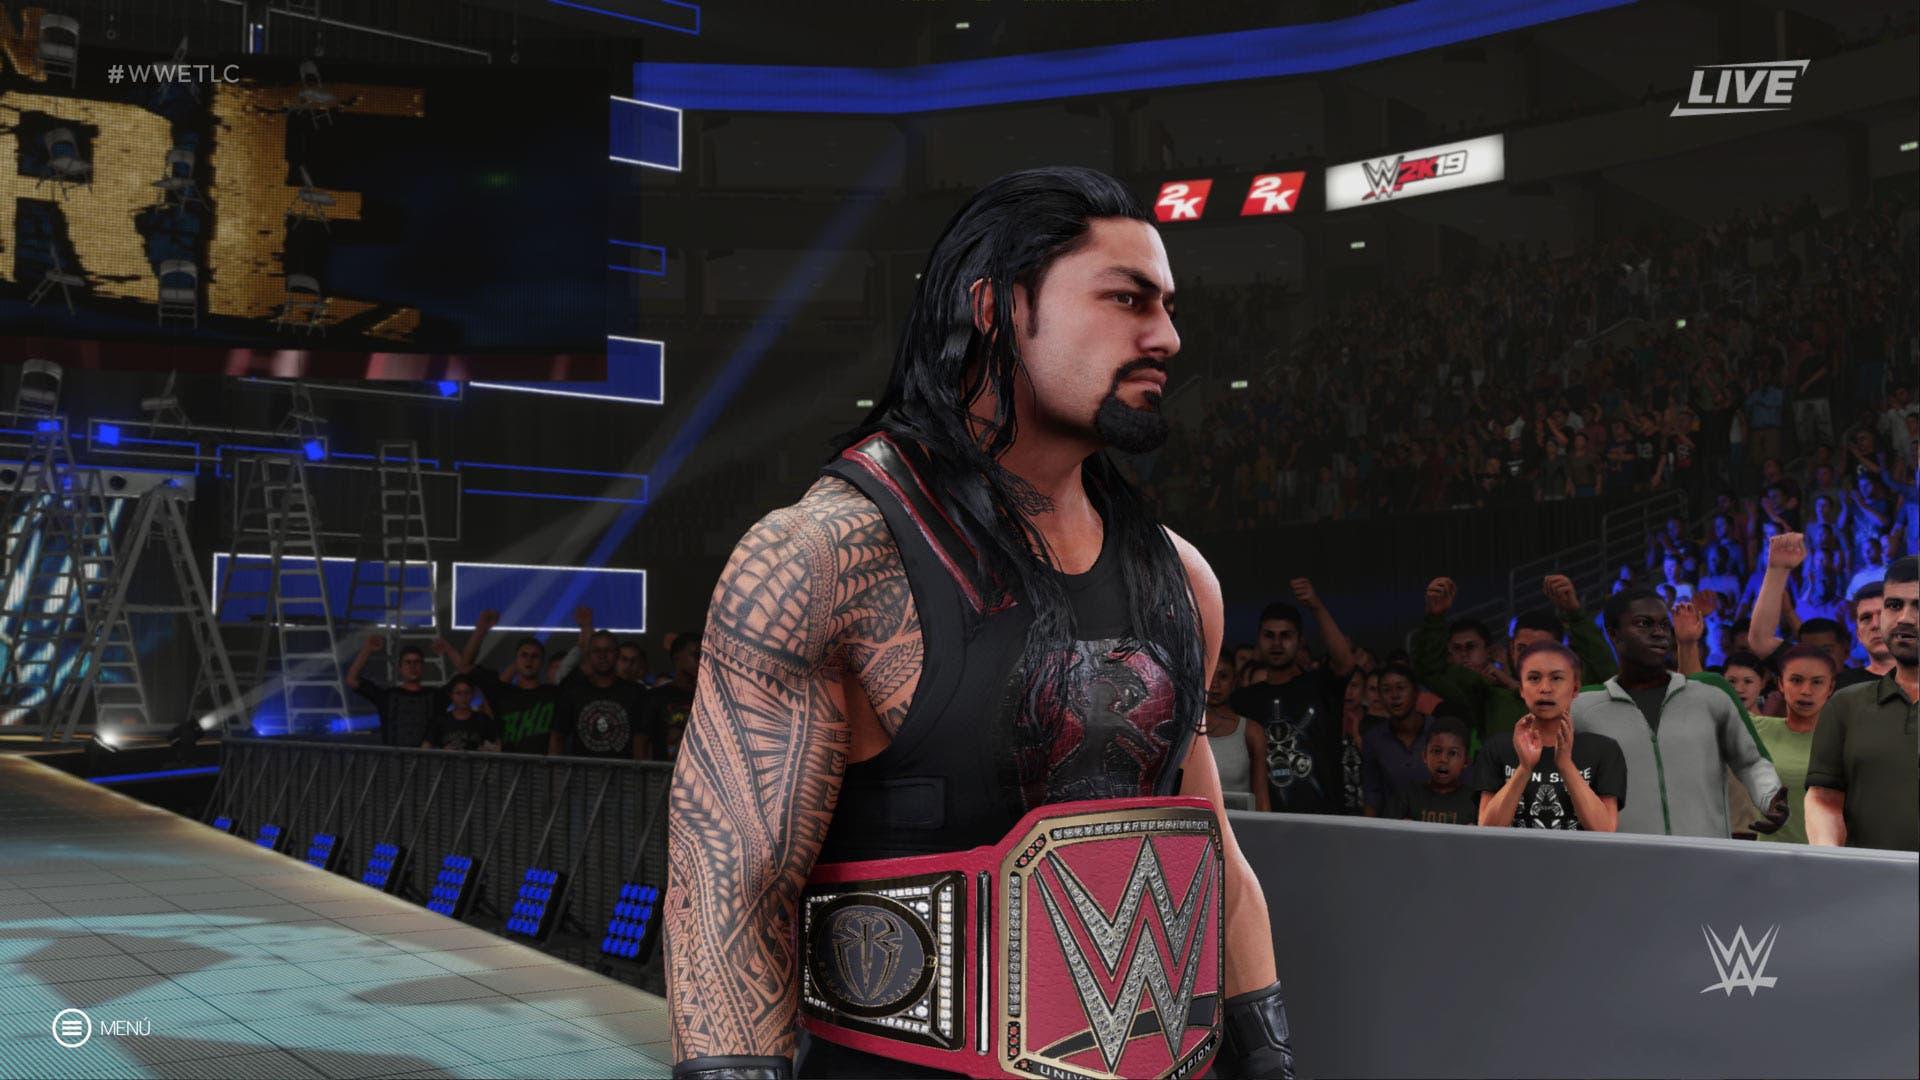 Análisis de WWE 2K19 - Xbox One 5